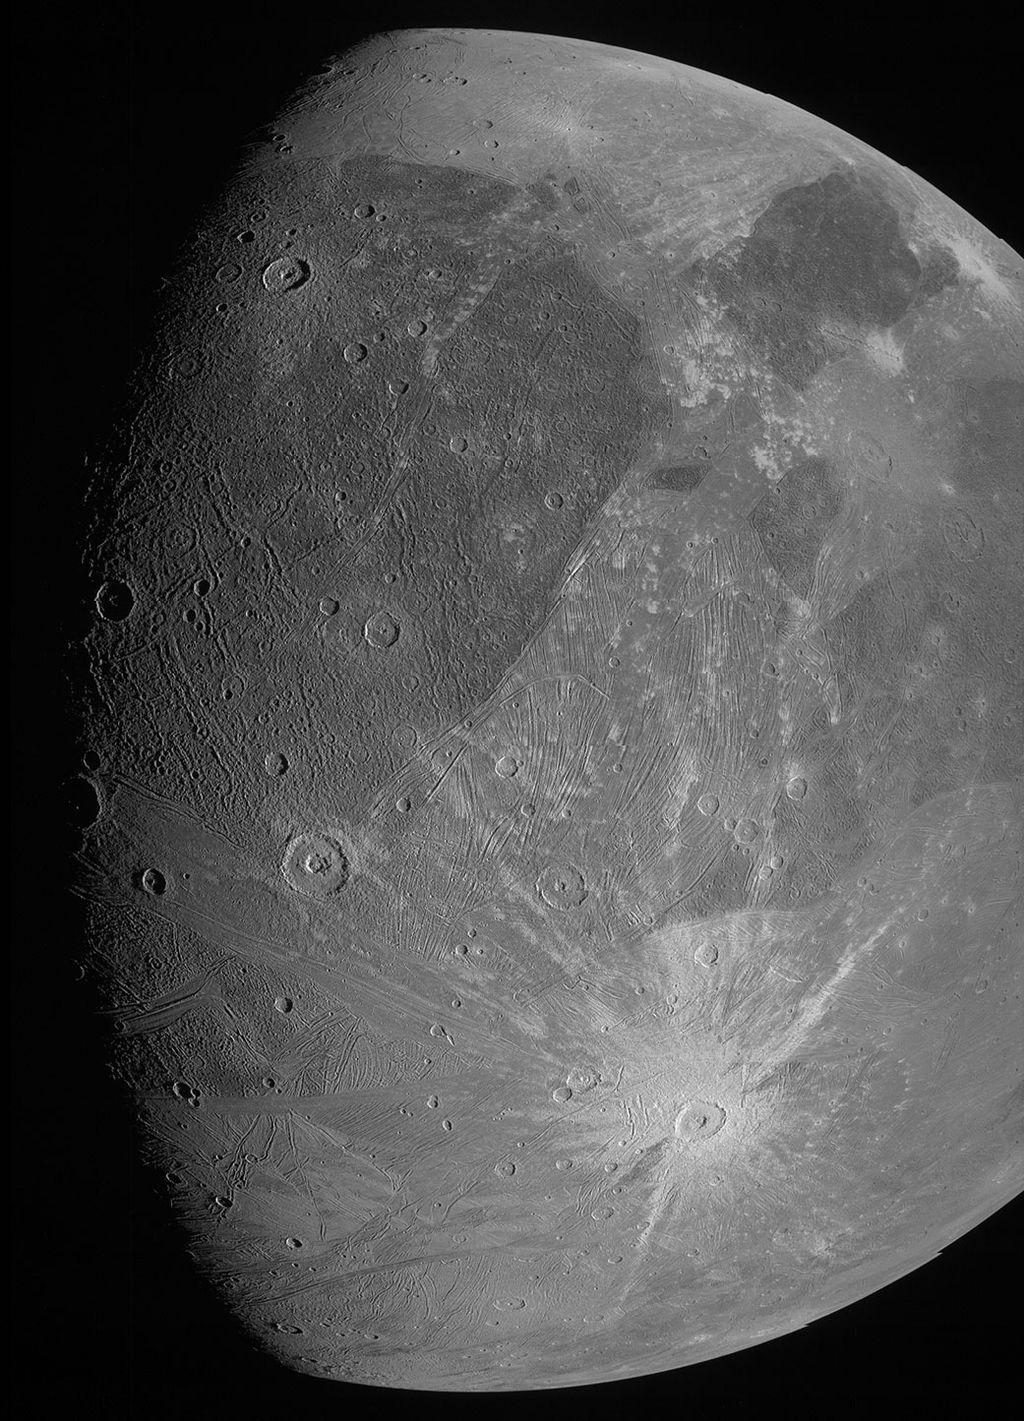 Sonda Juno fotografa Ganimedes após 20 anos sem novas imagens da lua de Júpiter - 2